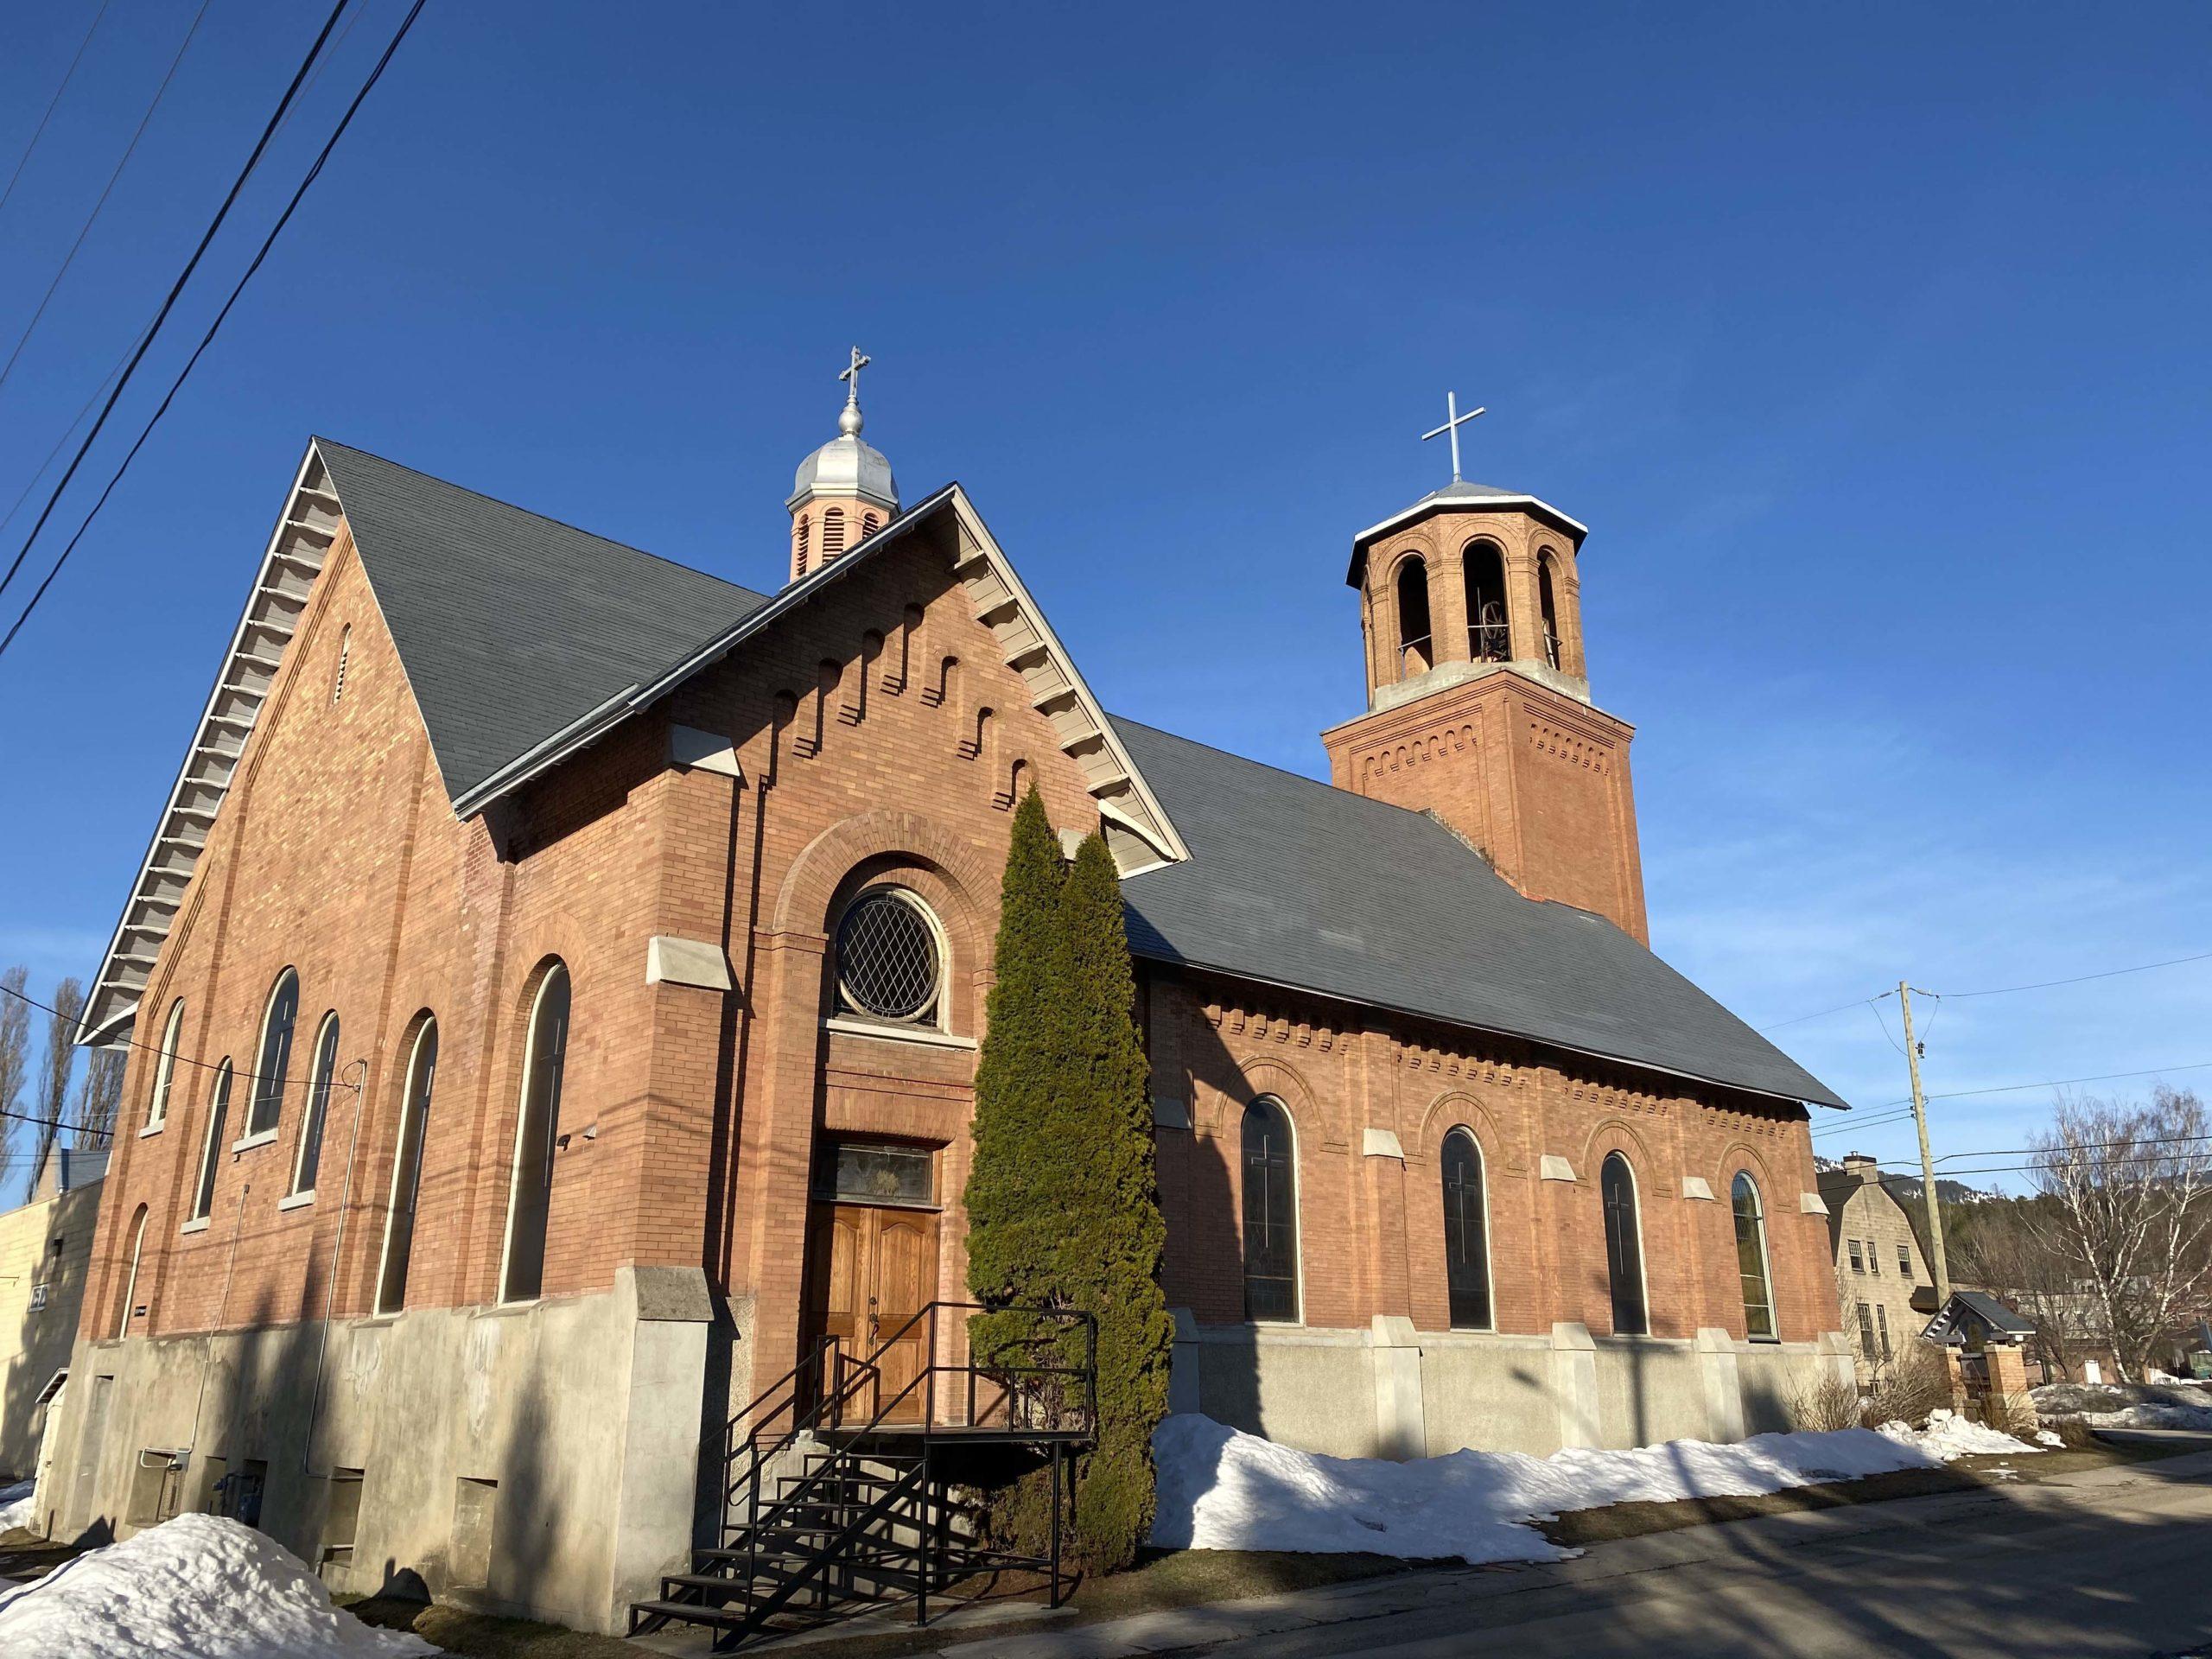 Holy Family Church Italian bake sale fundraiser